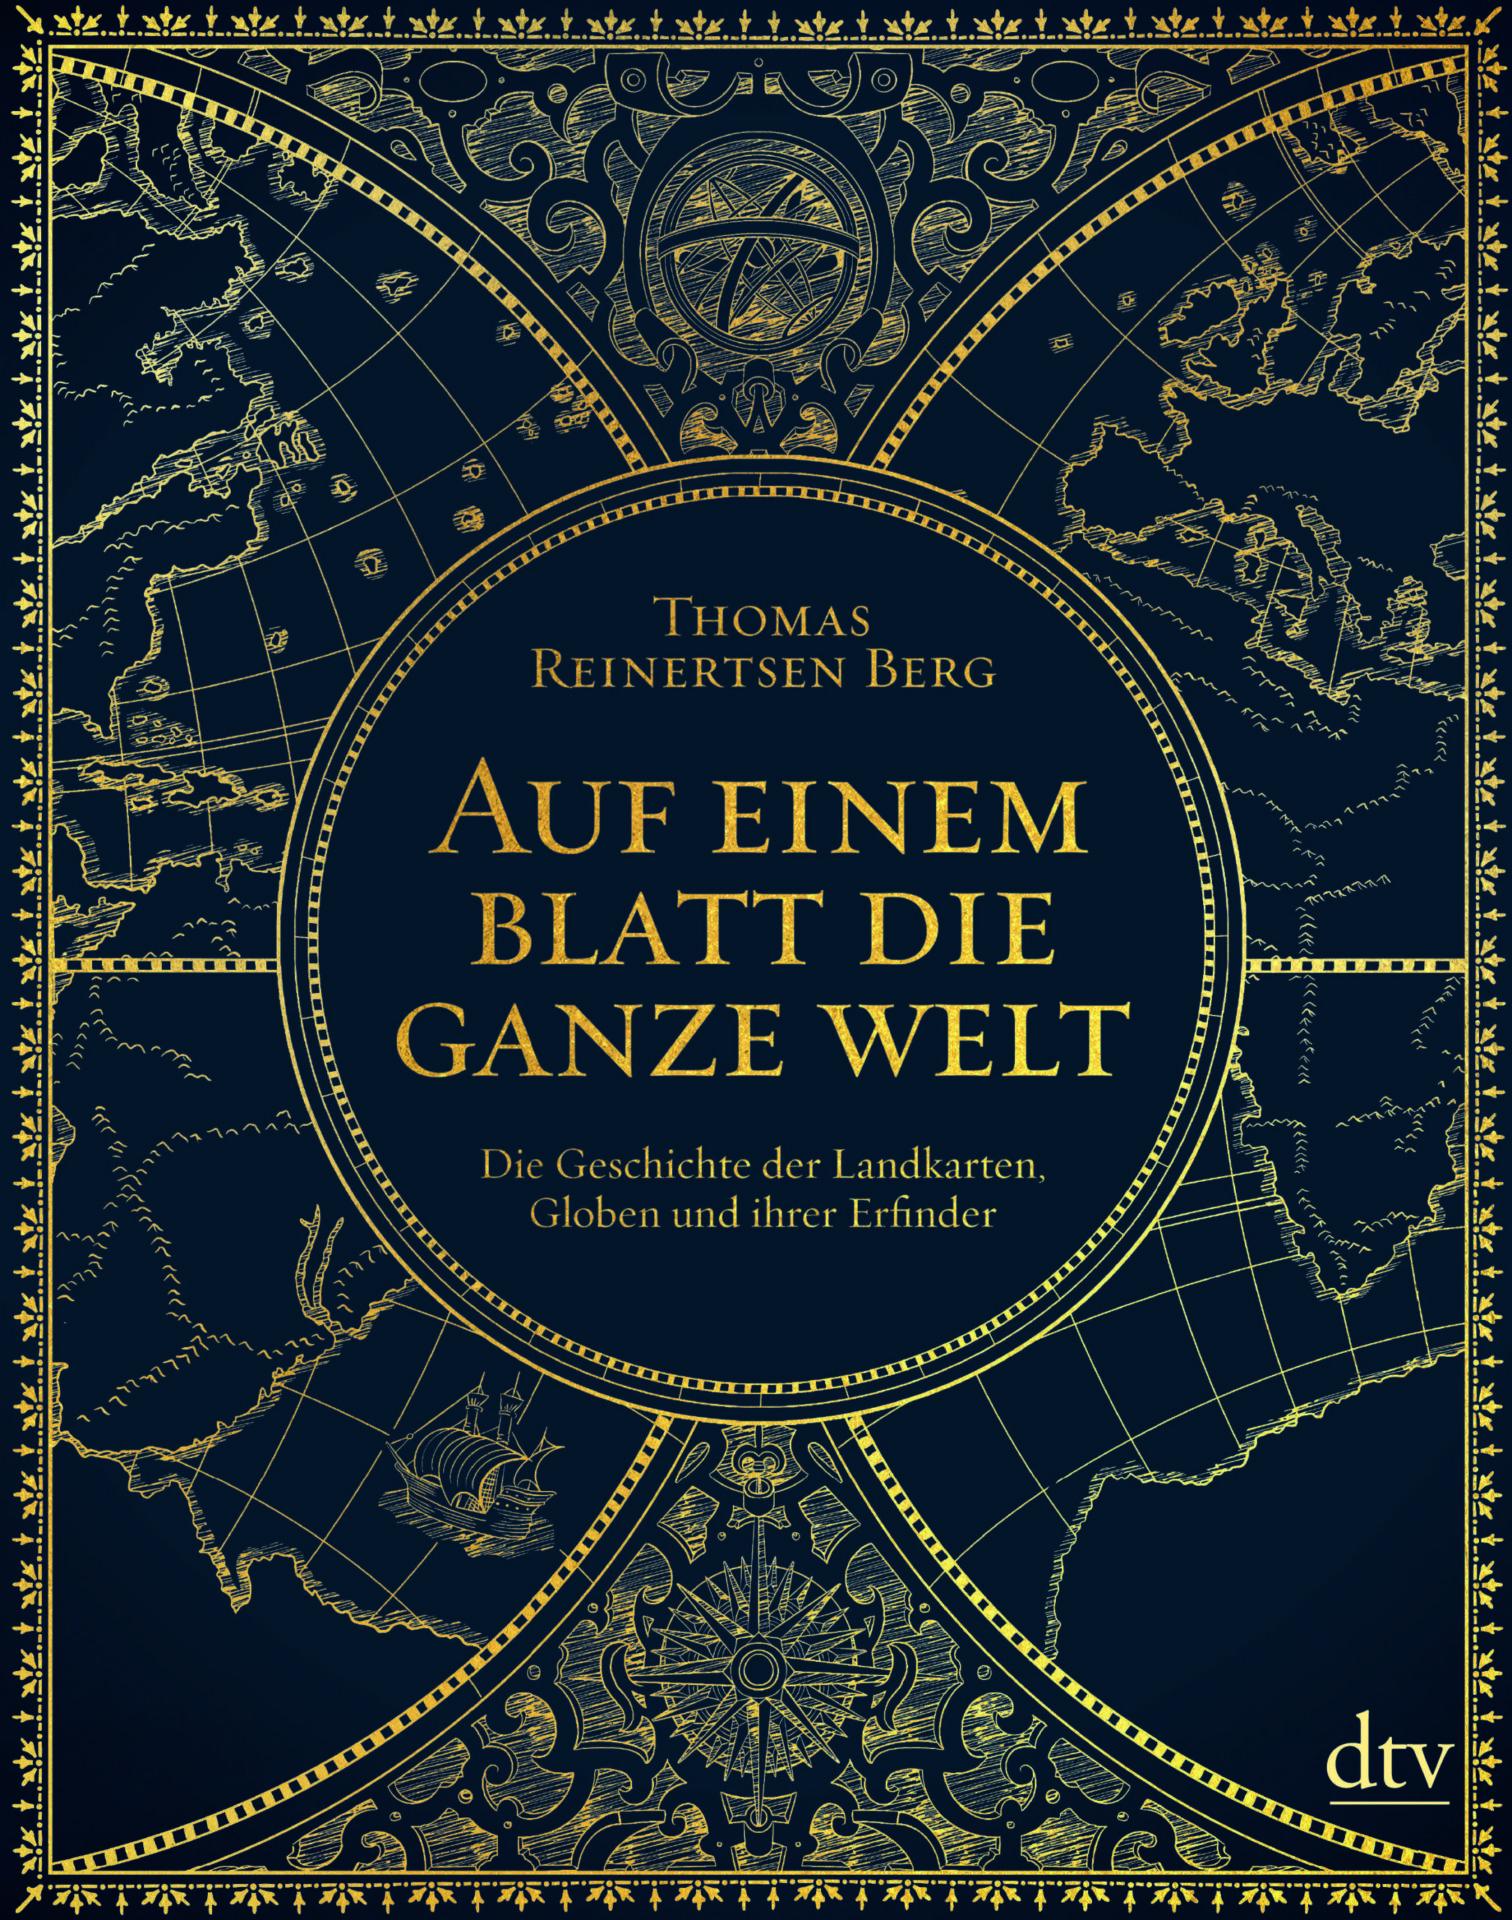 Auf einem Blatt die ganze Welt Book Cover